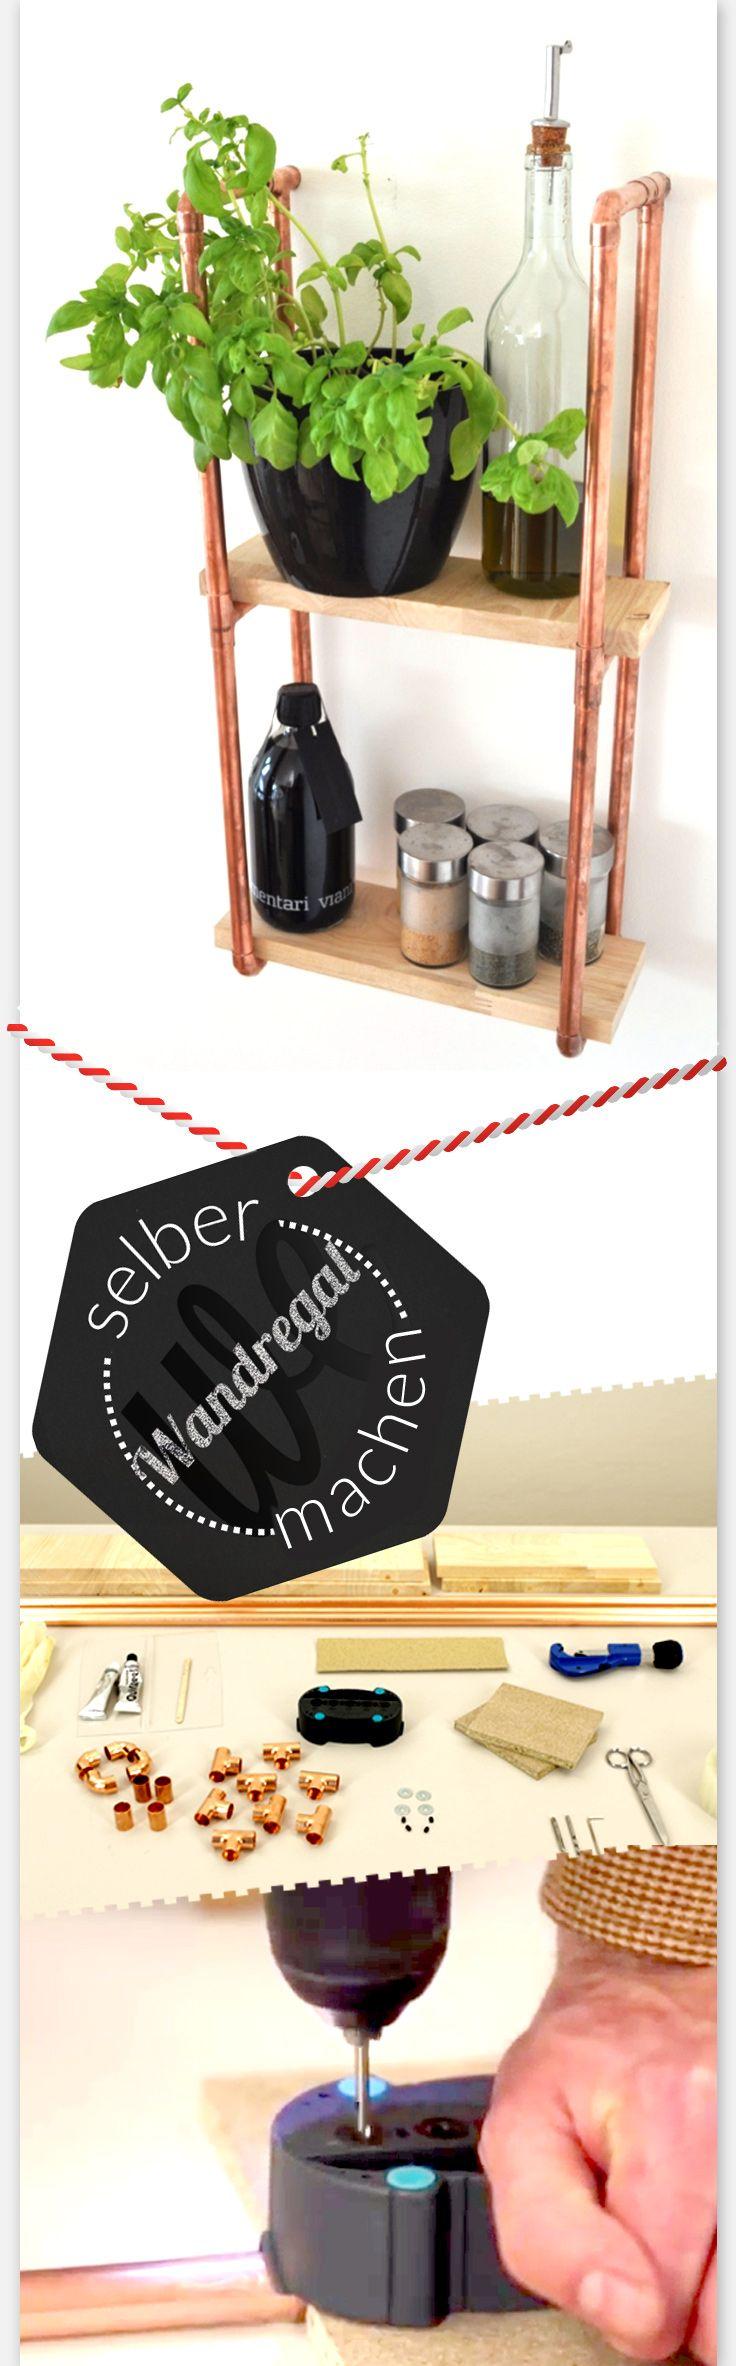 Wandregal aus Kupferrohren selber machen: Verbindungen kleben, Rohre zusammenstecken und Regal an der Wand befestigen. Das Regal ist aus dem Trendmaterial Kupfer. Und Holz, das geht immer :)